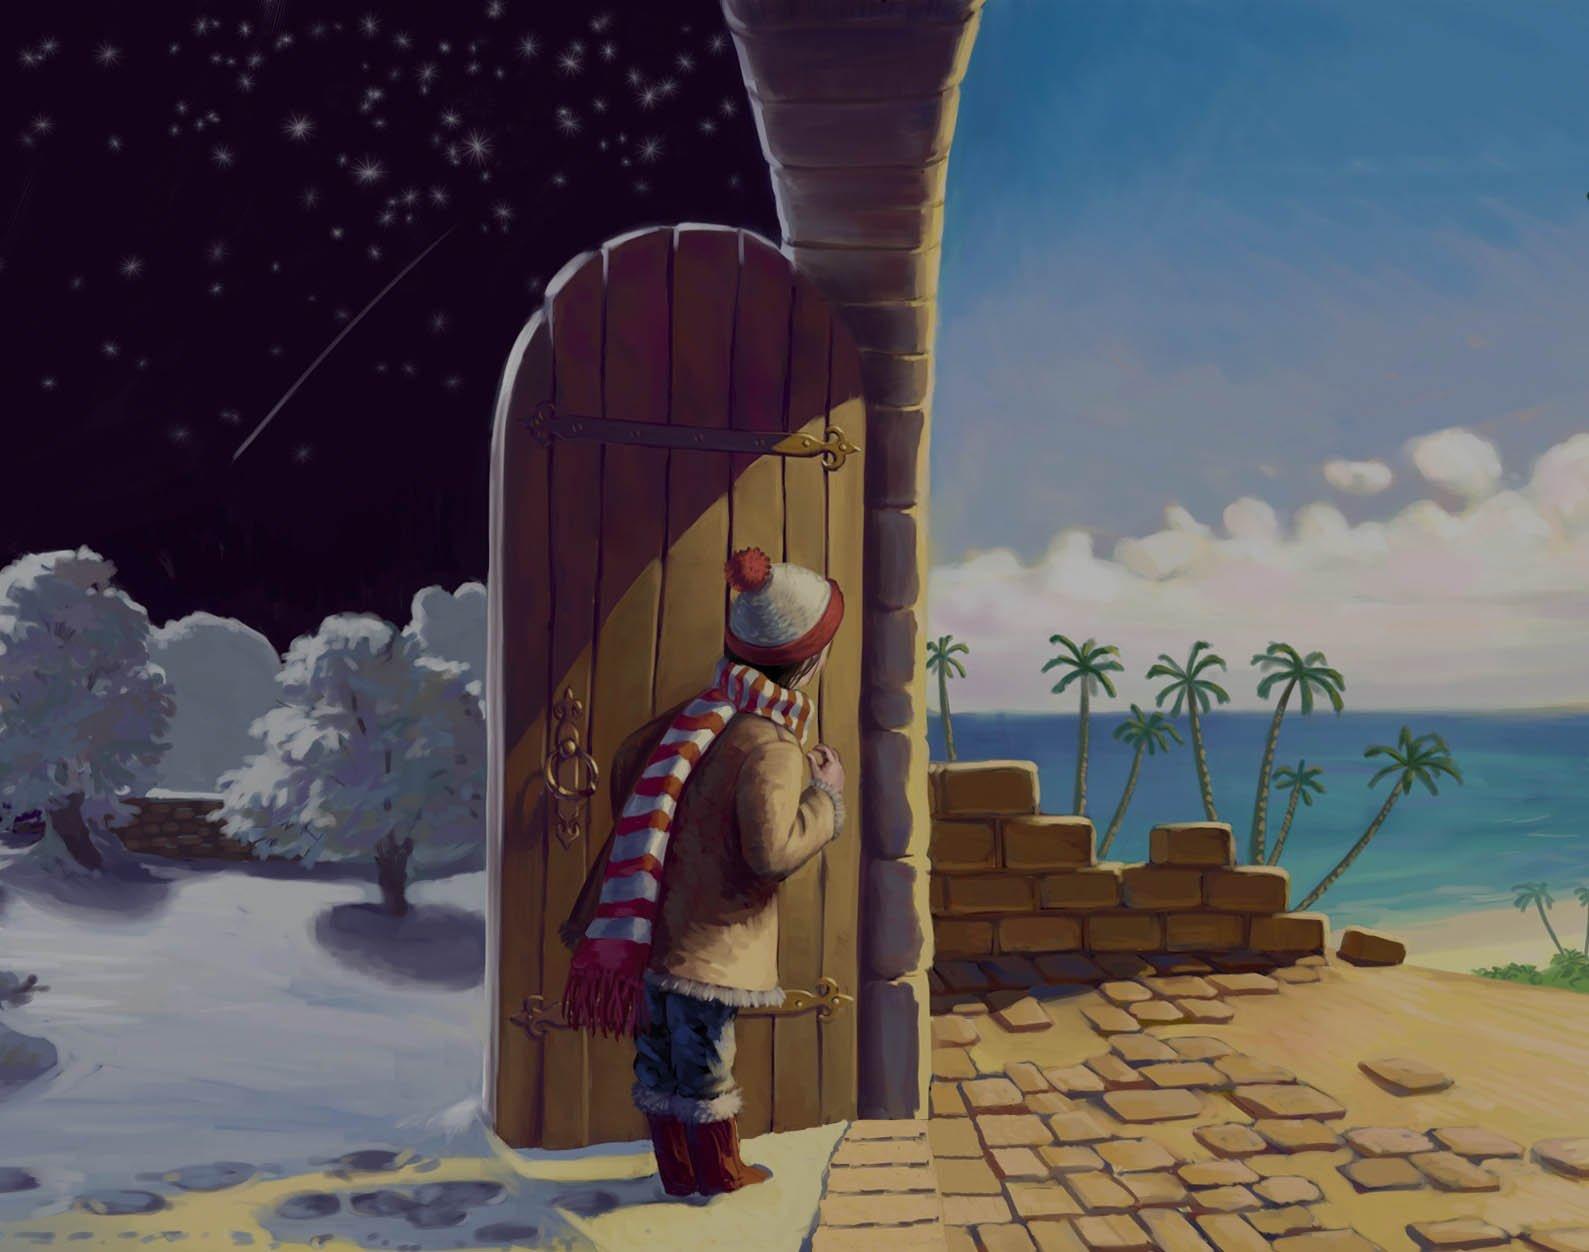 Слайд из зимы в лето